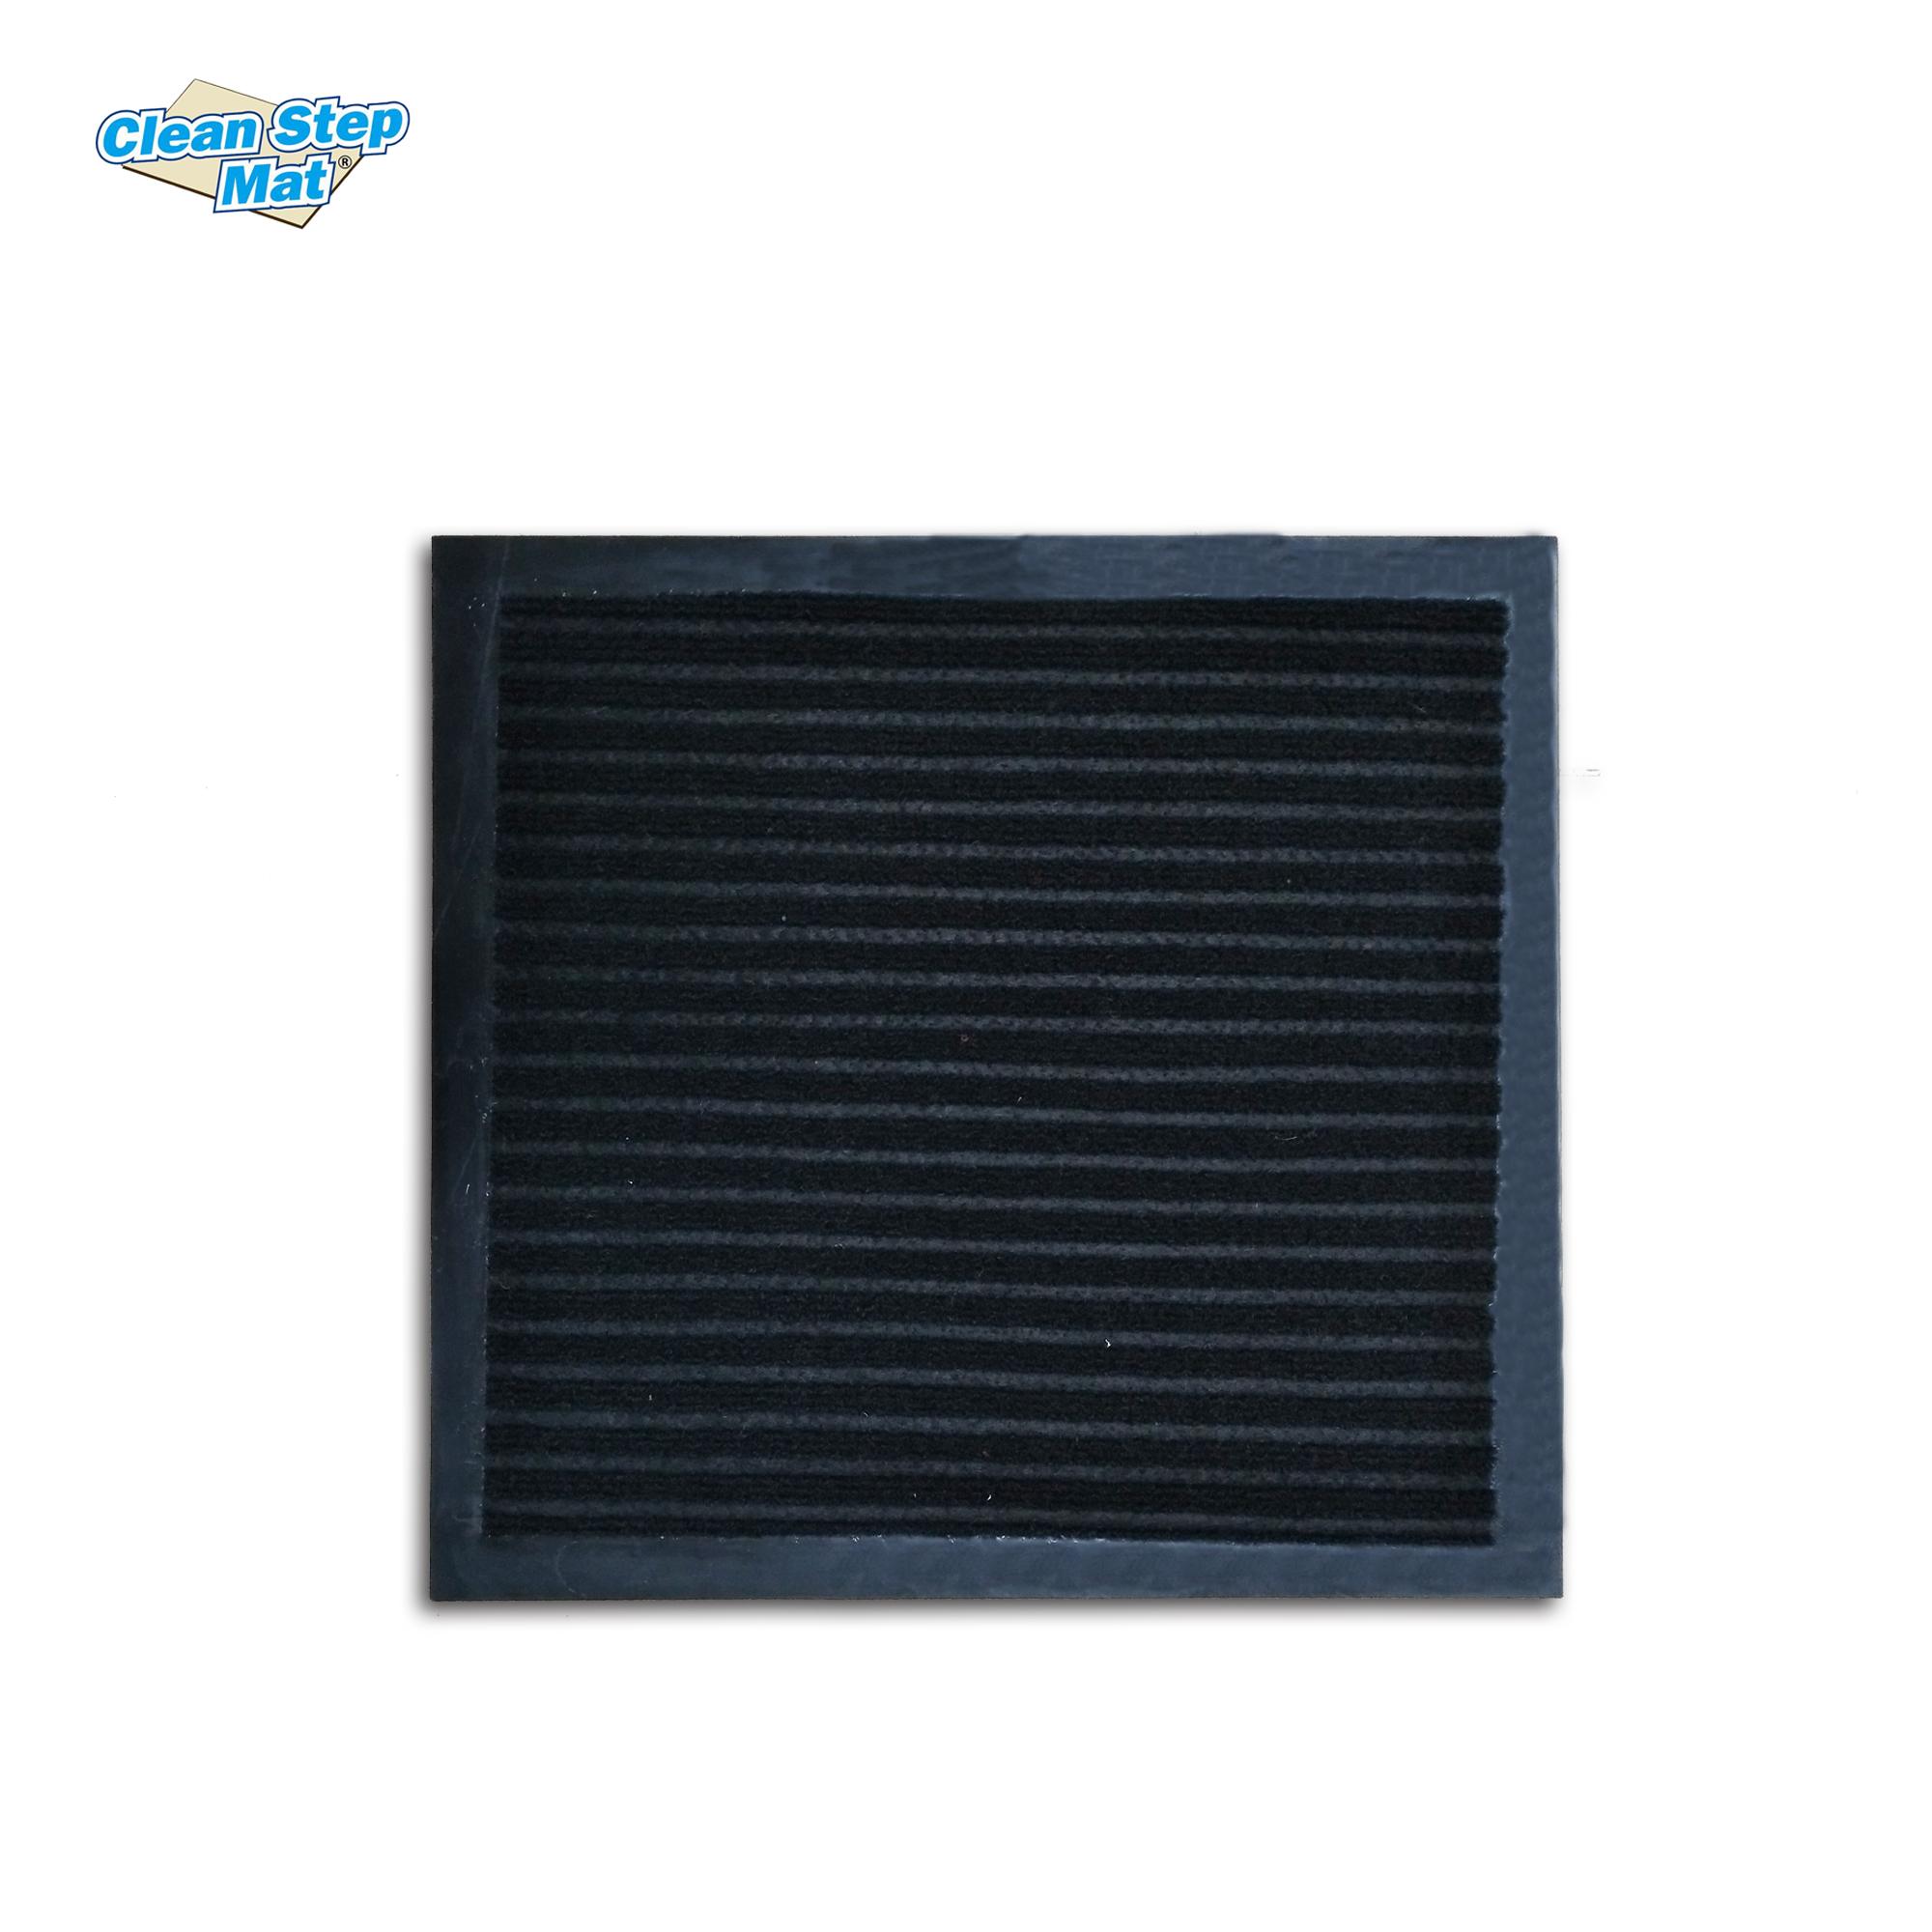 Striped door mat S02